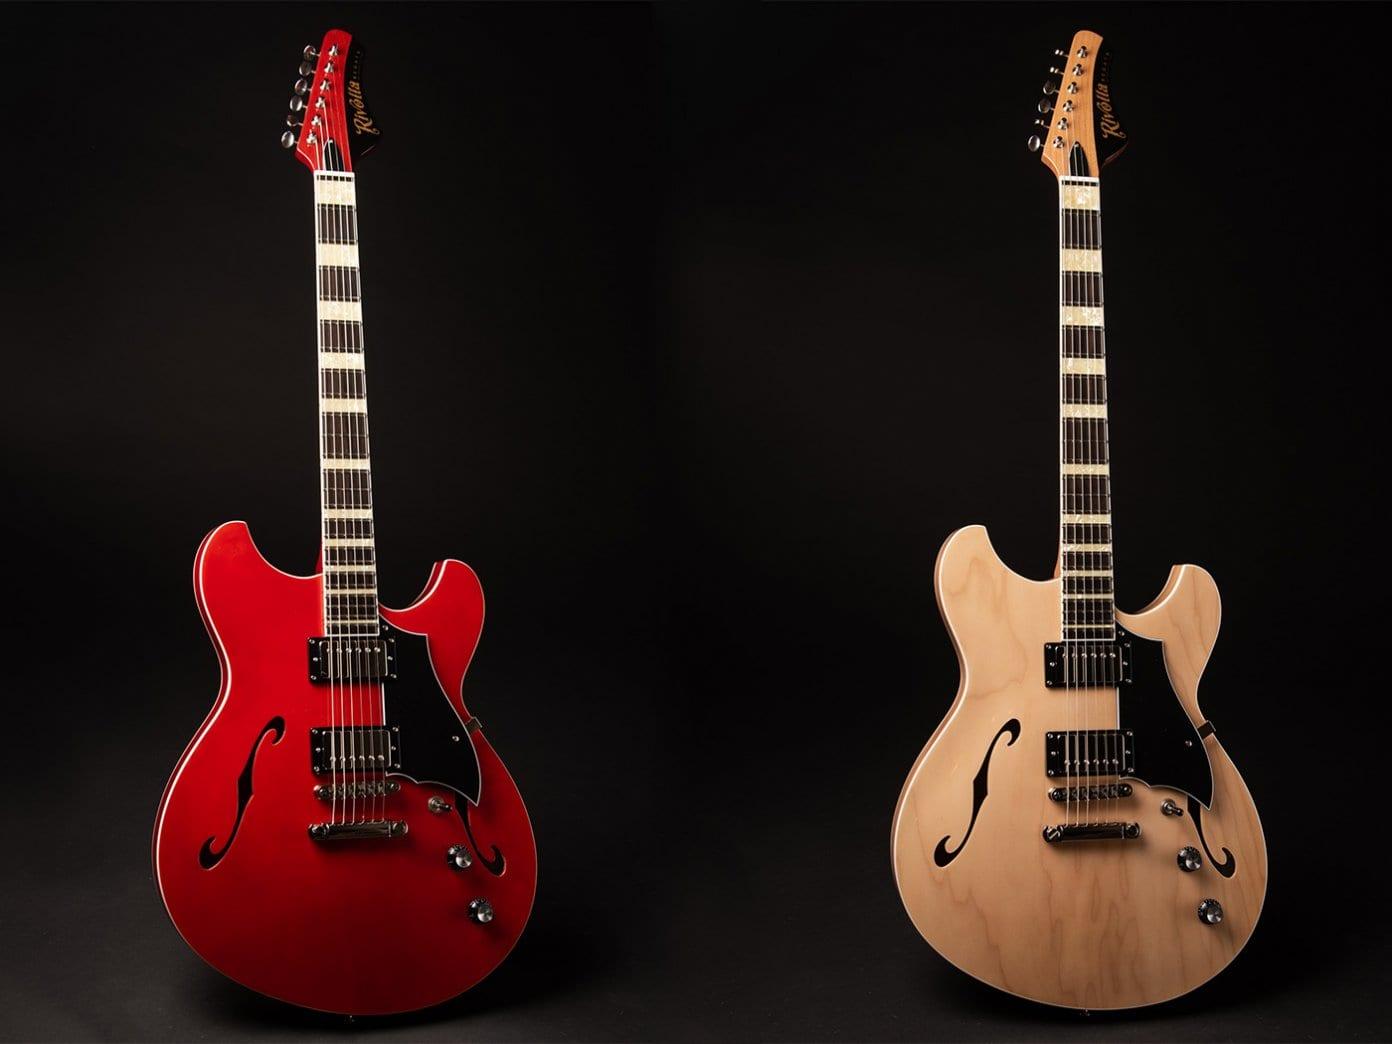 Rivolta Guitars Regata II new semi-hollow offset model